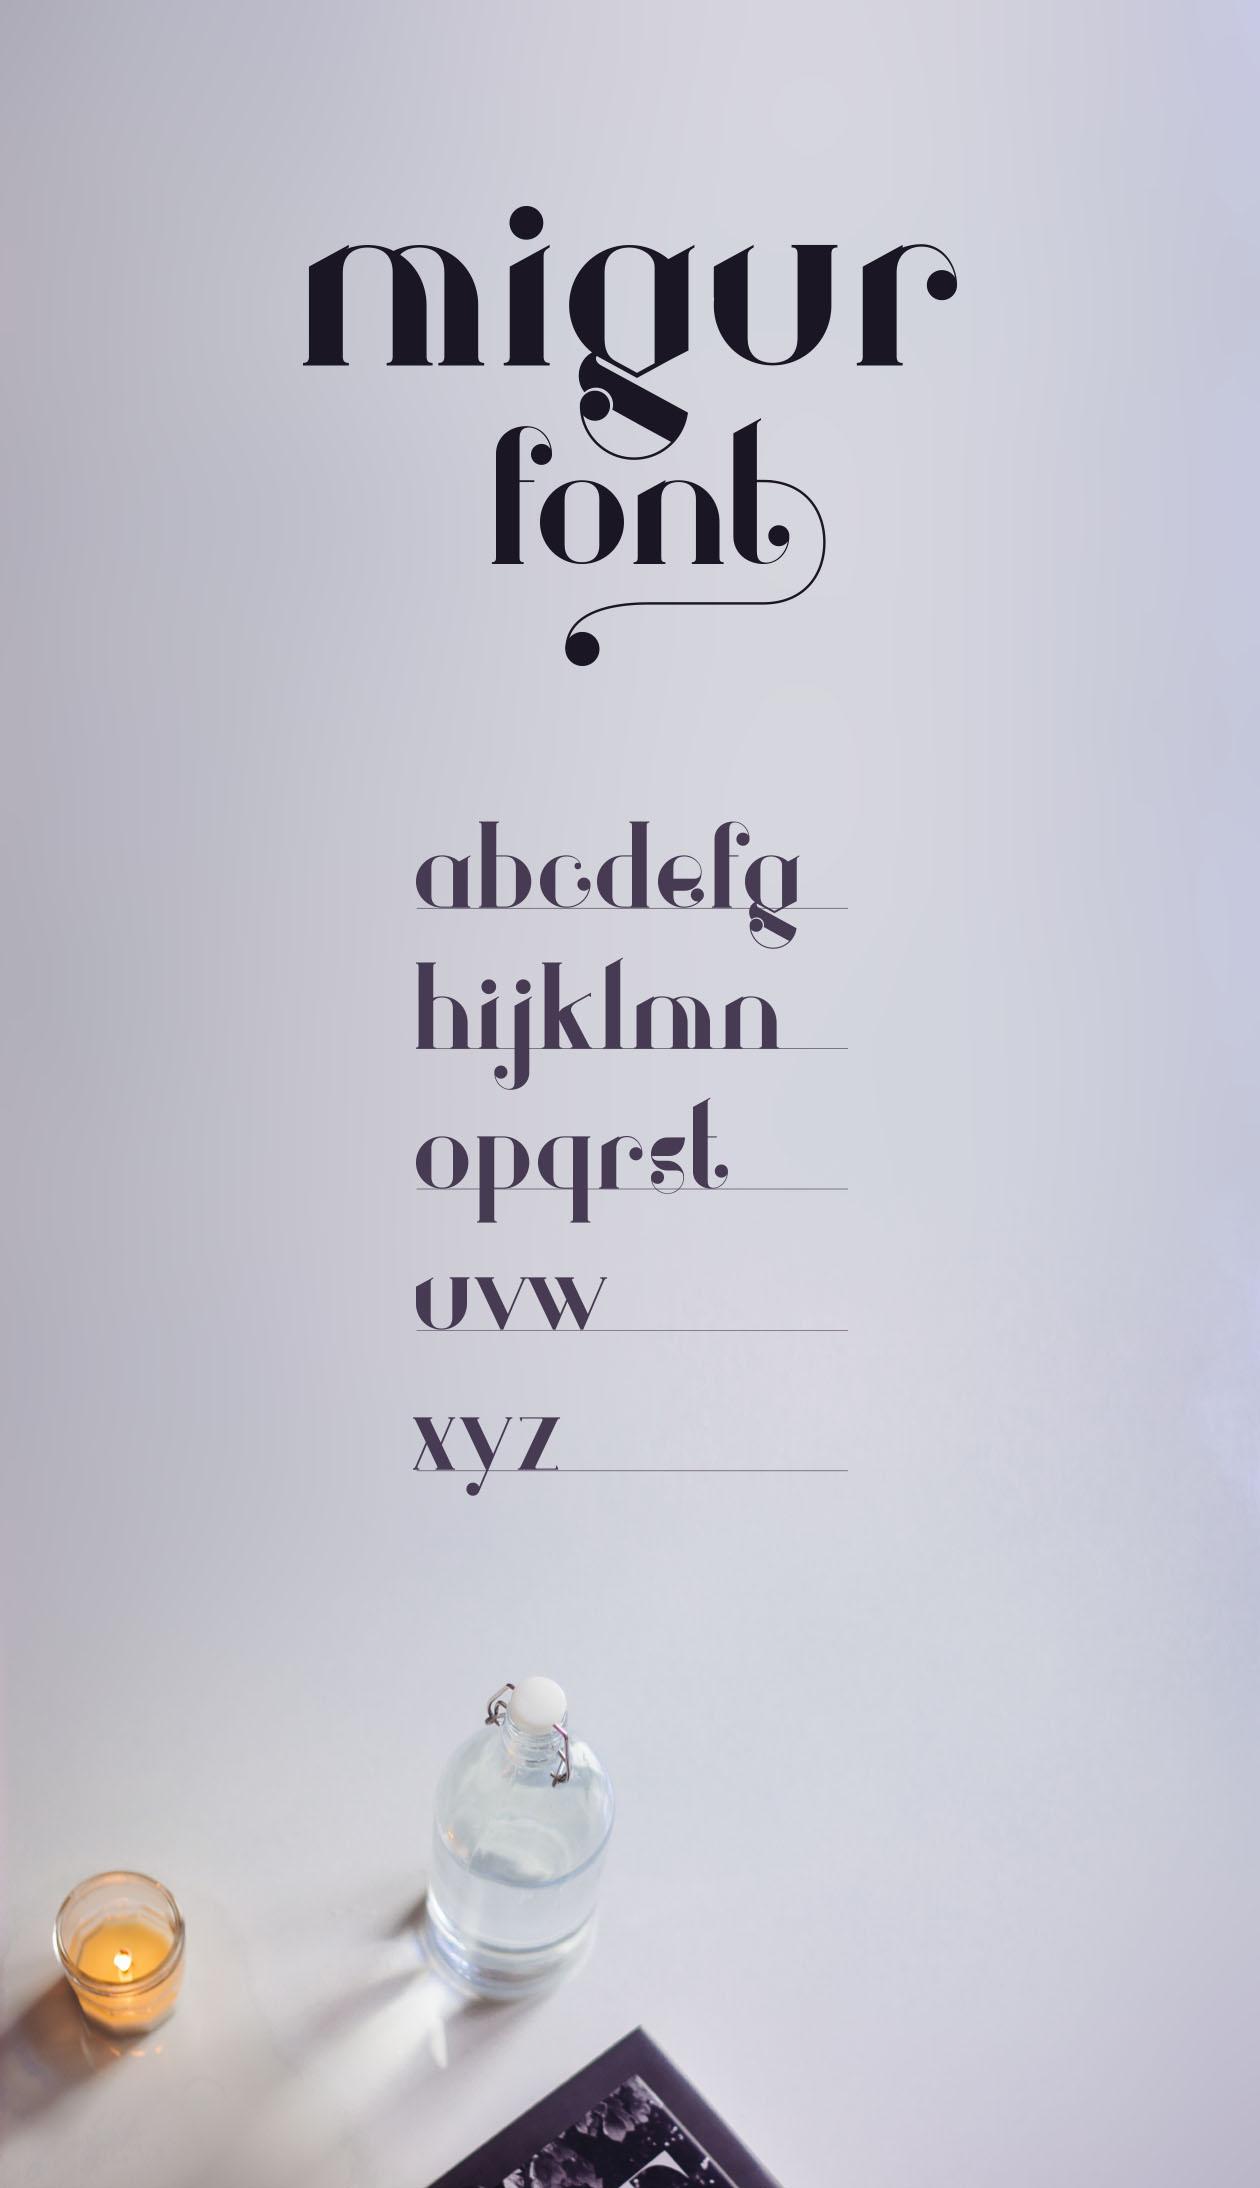 MIgur Font - Post